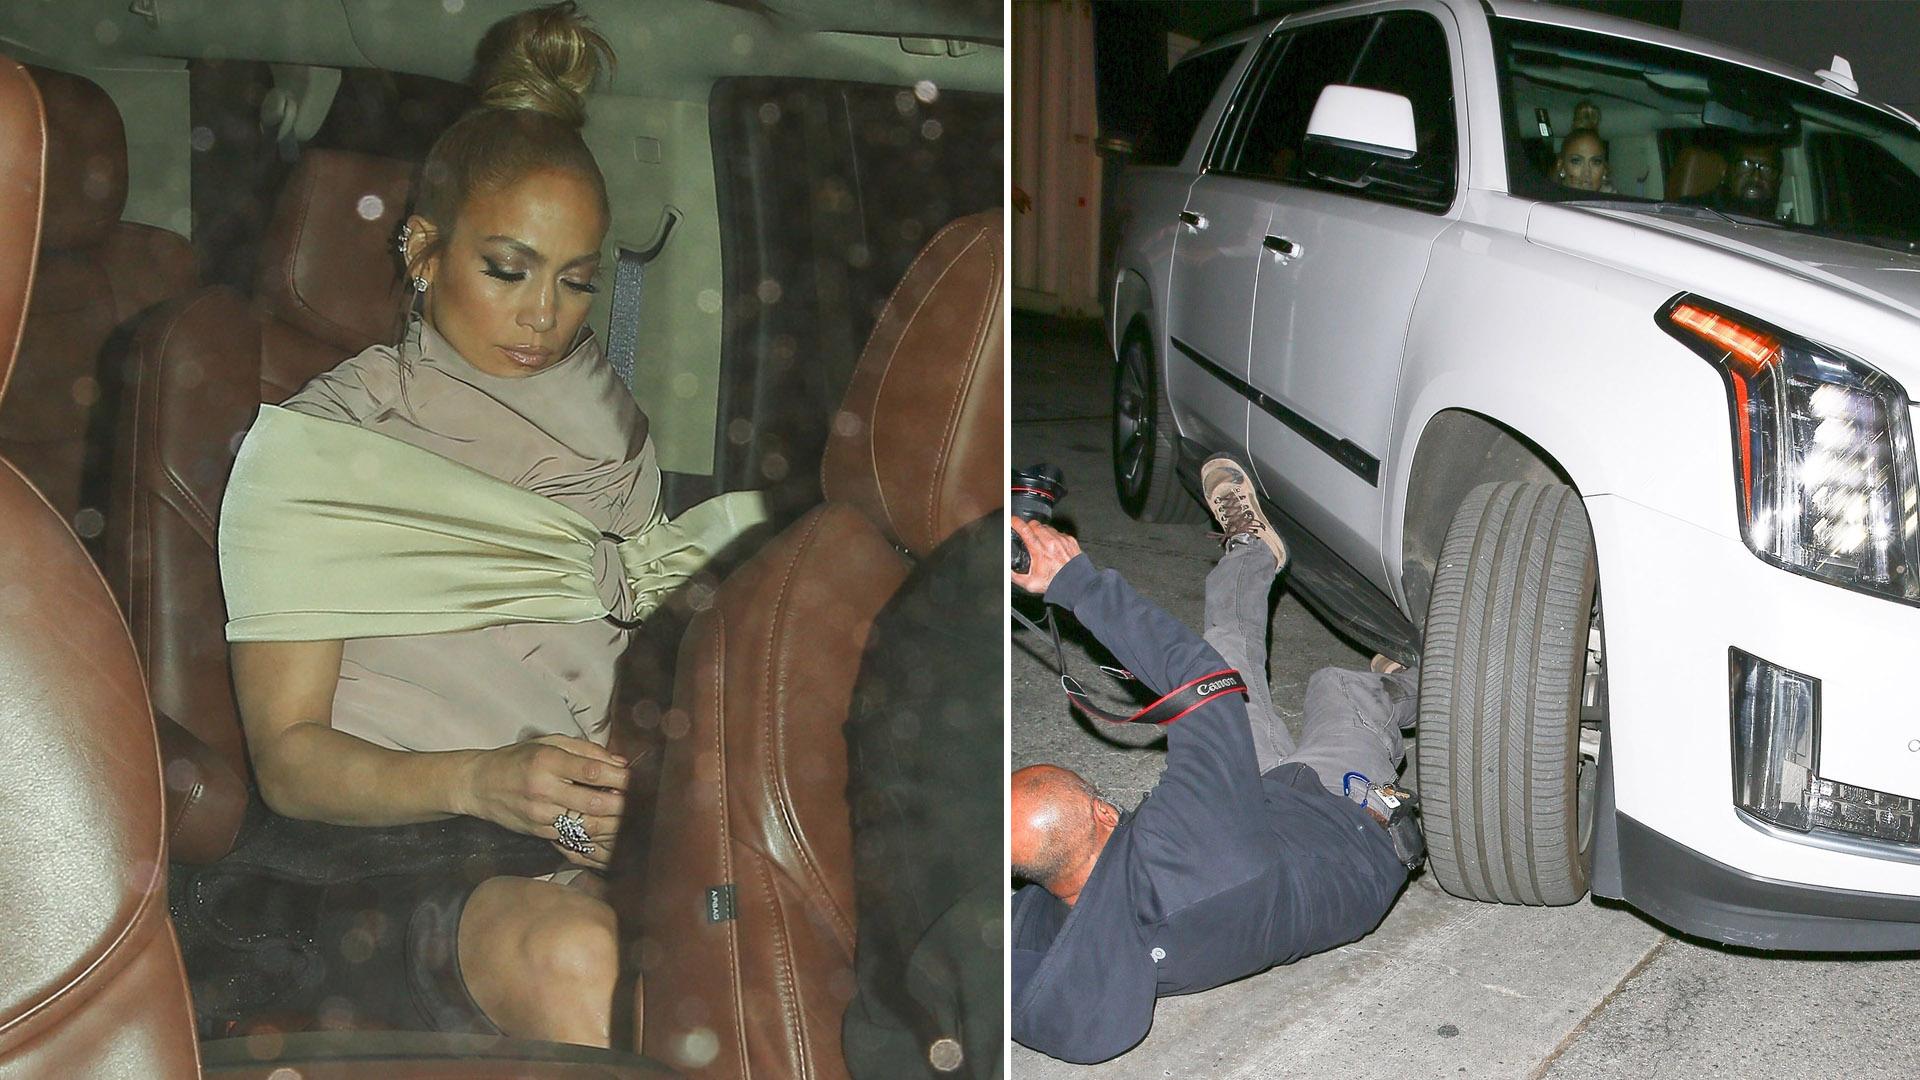 En Los Ángeles, Jennifer Lopez fue a cenar a un restaurante con su pareja. Pero, su chofer atropelló a un fotógrafo que intentaba retratar a la pareja (Groby Group)